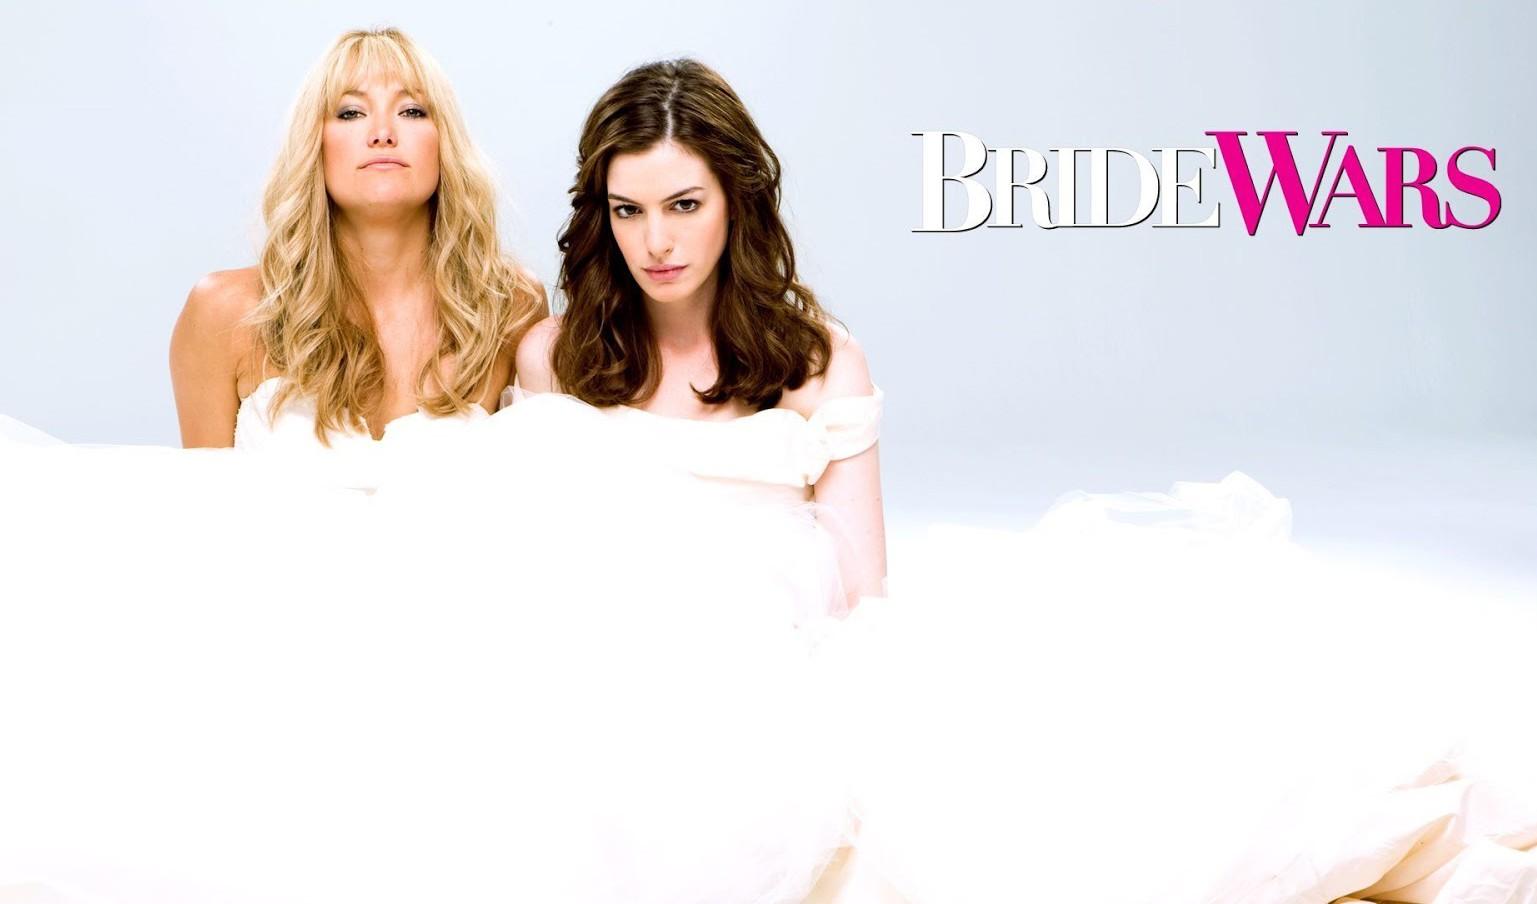 Bride Wars bride wars 6852524 1920 1200